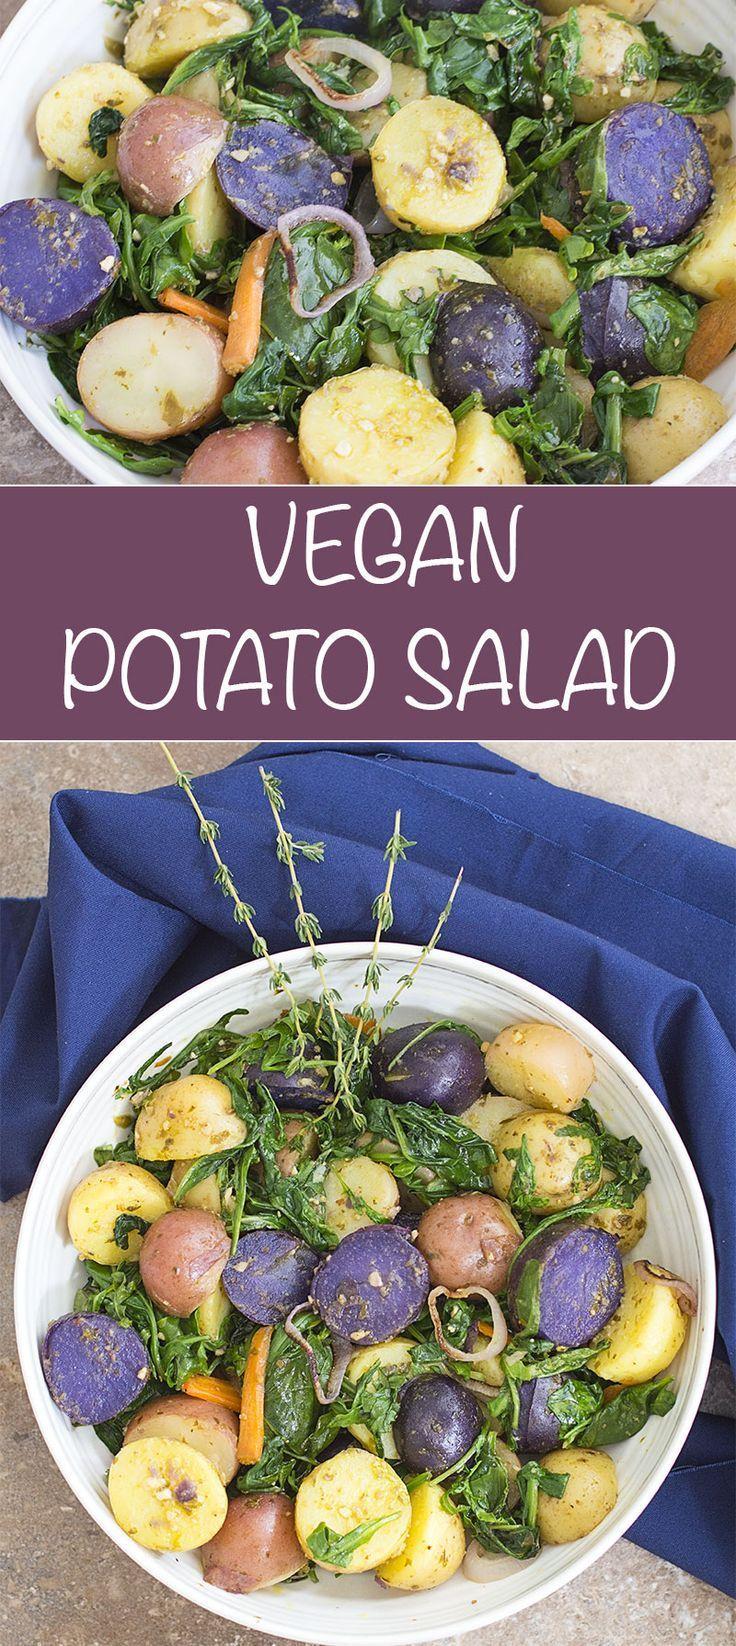 who made the potatoe salad full movie